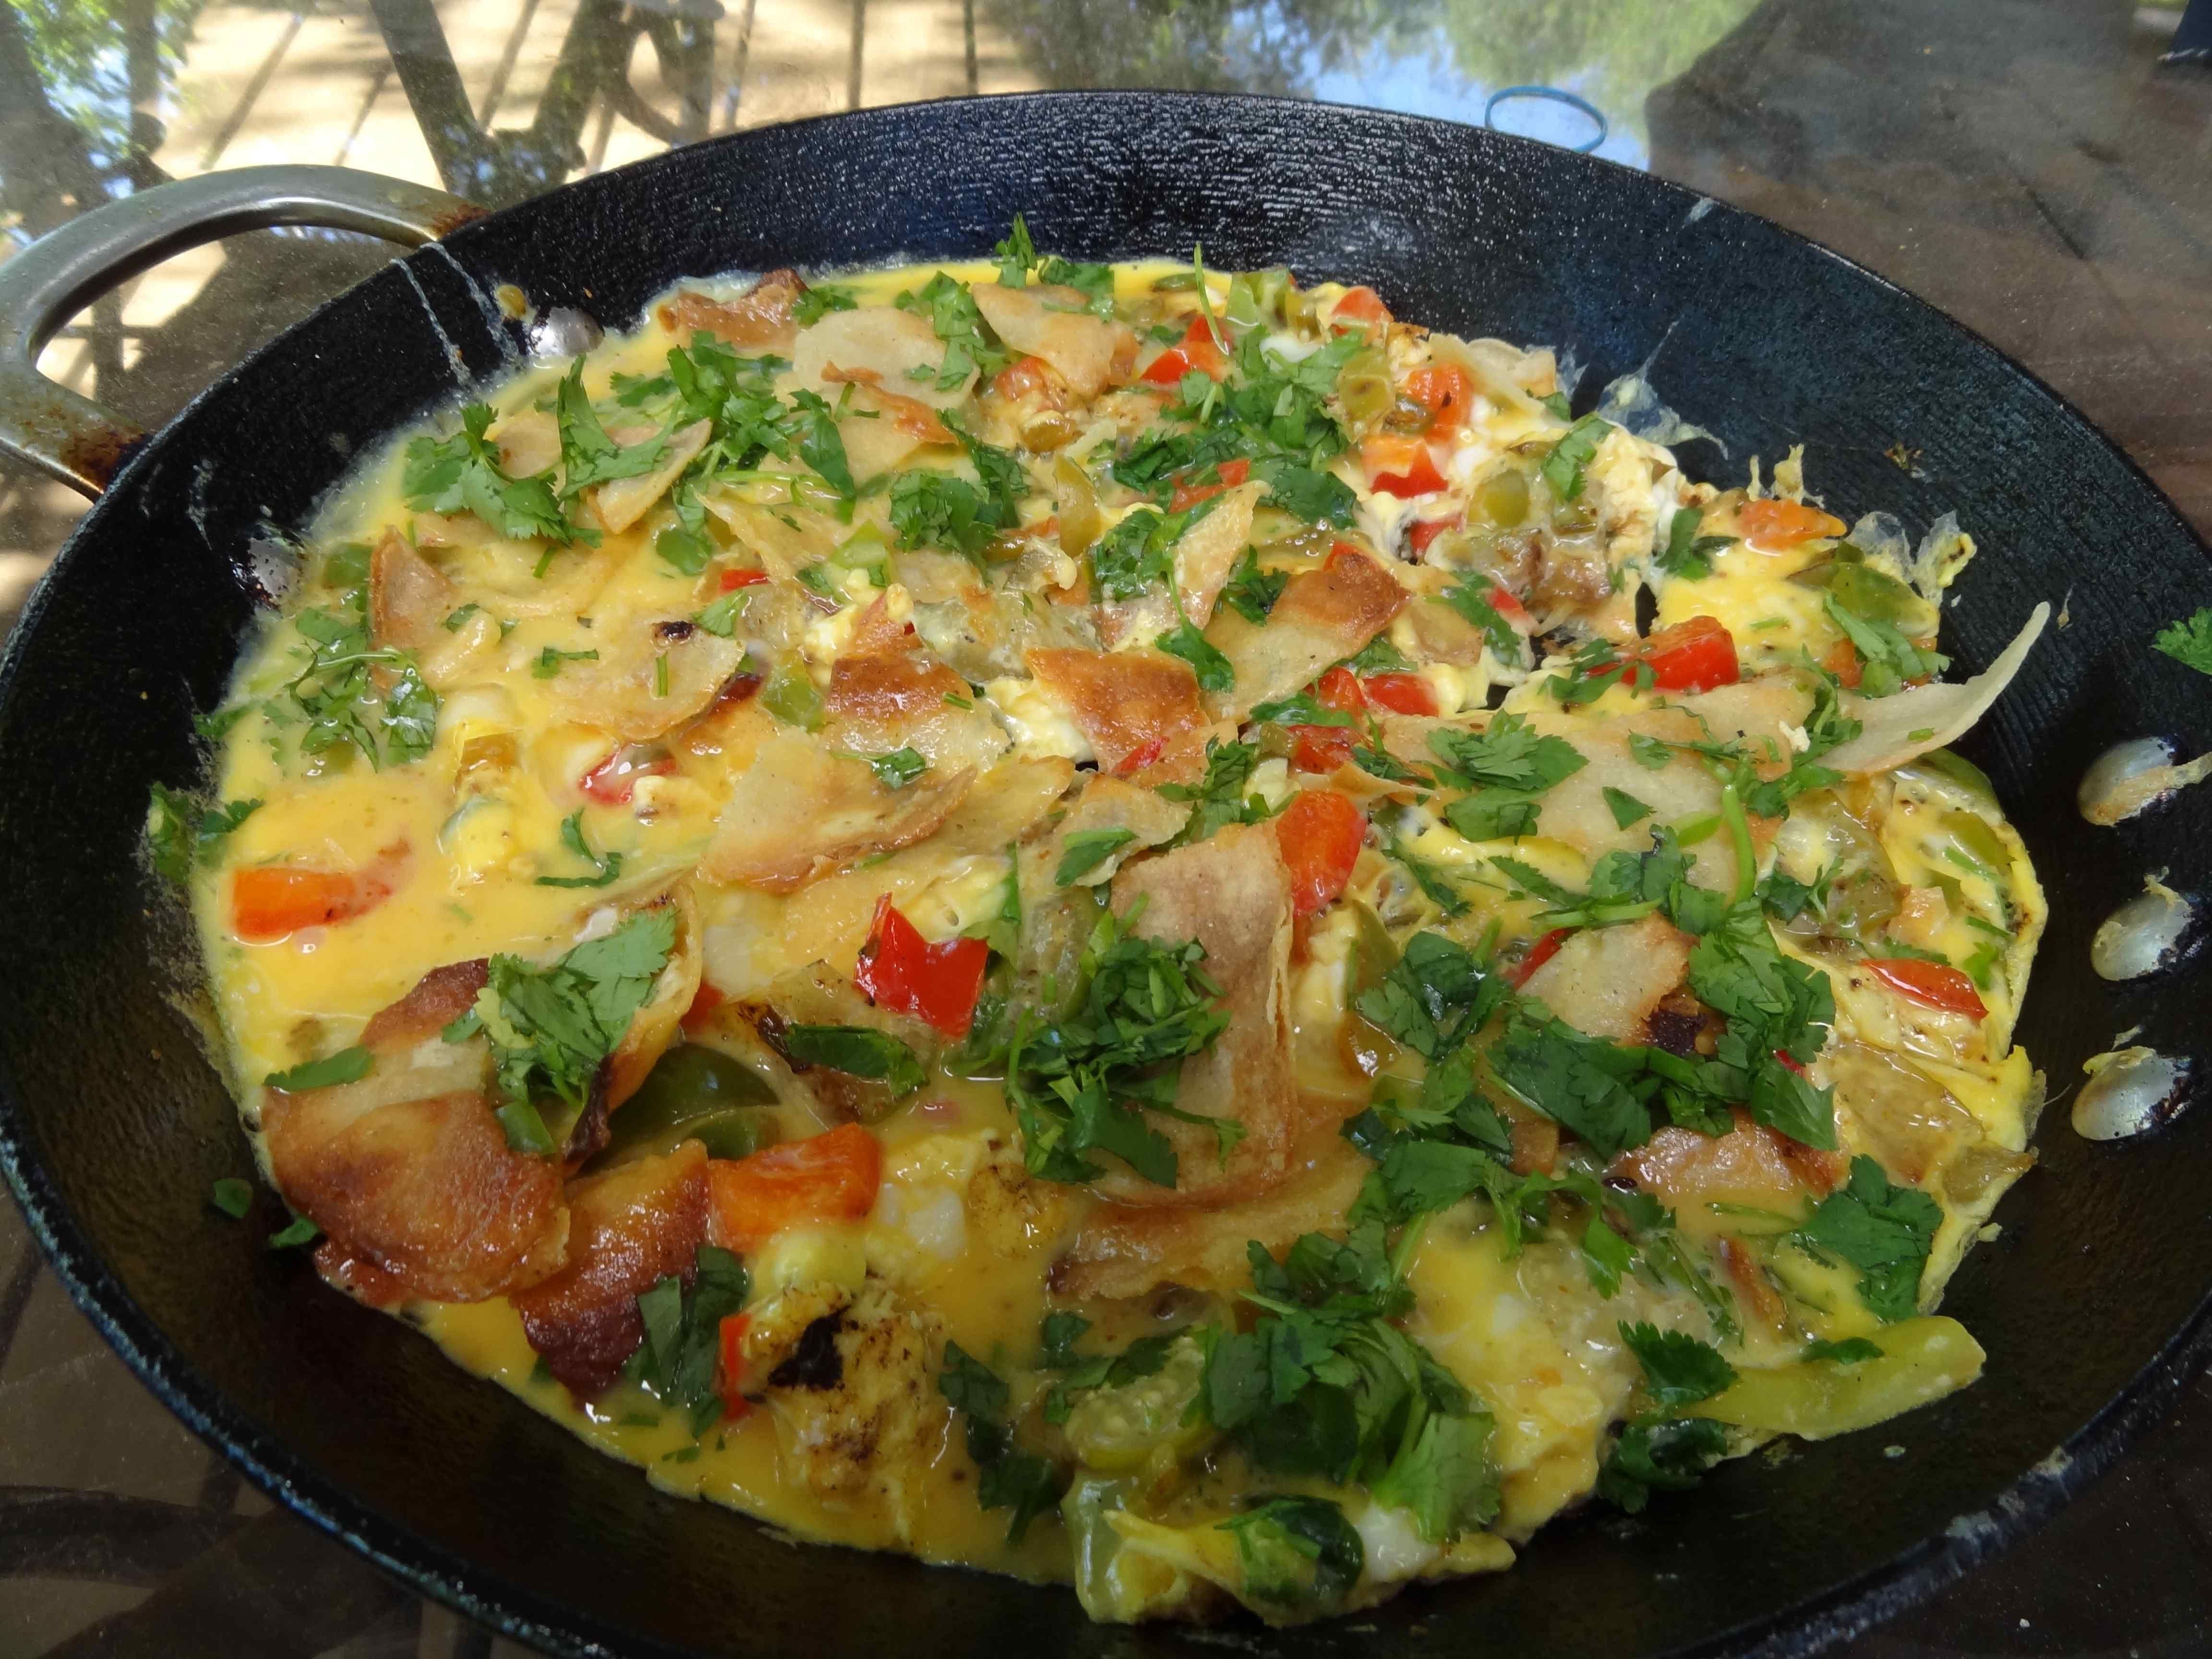 Scrambled Eggs With Tomatillos Recipes — Dishmaps